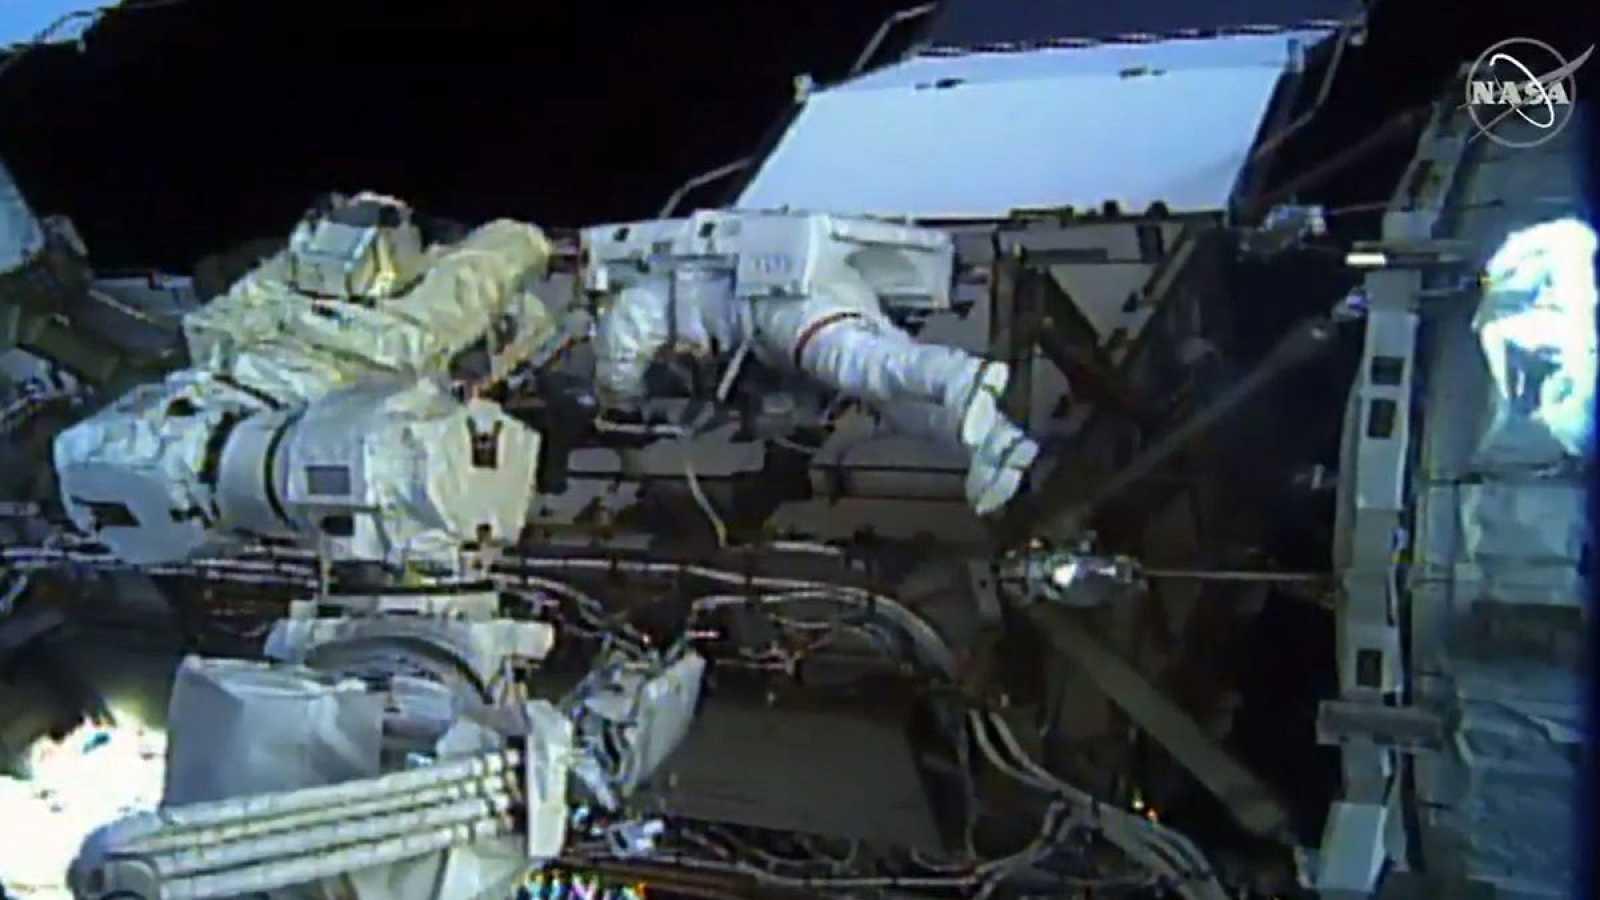 Imagen cedida por la NASA en la que se ve en primer plano a la astronautaChristina Koch, durante la caminata espacial junto aJessica Meir.